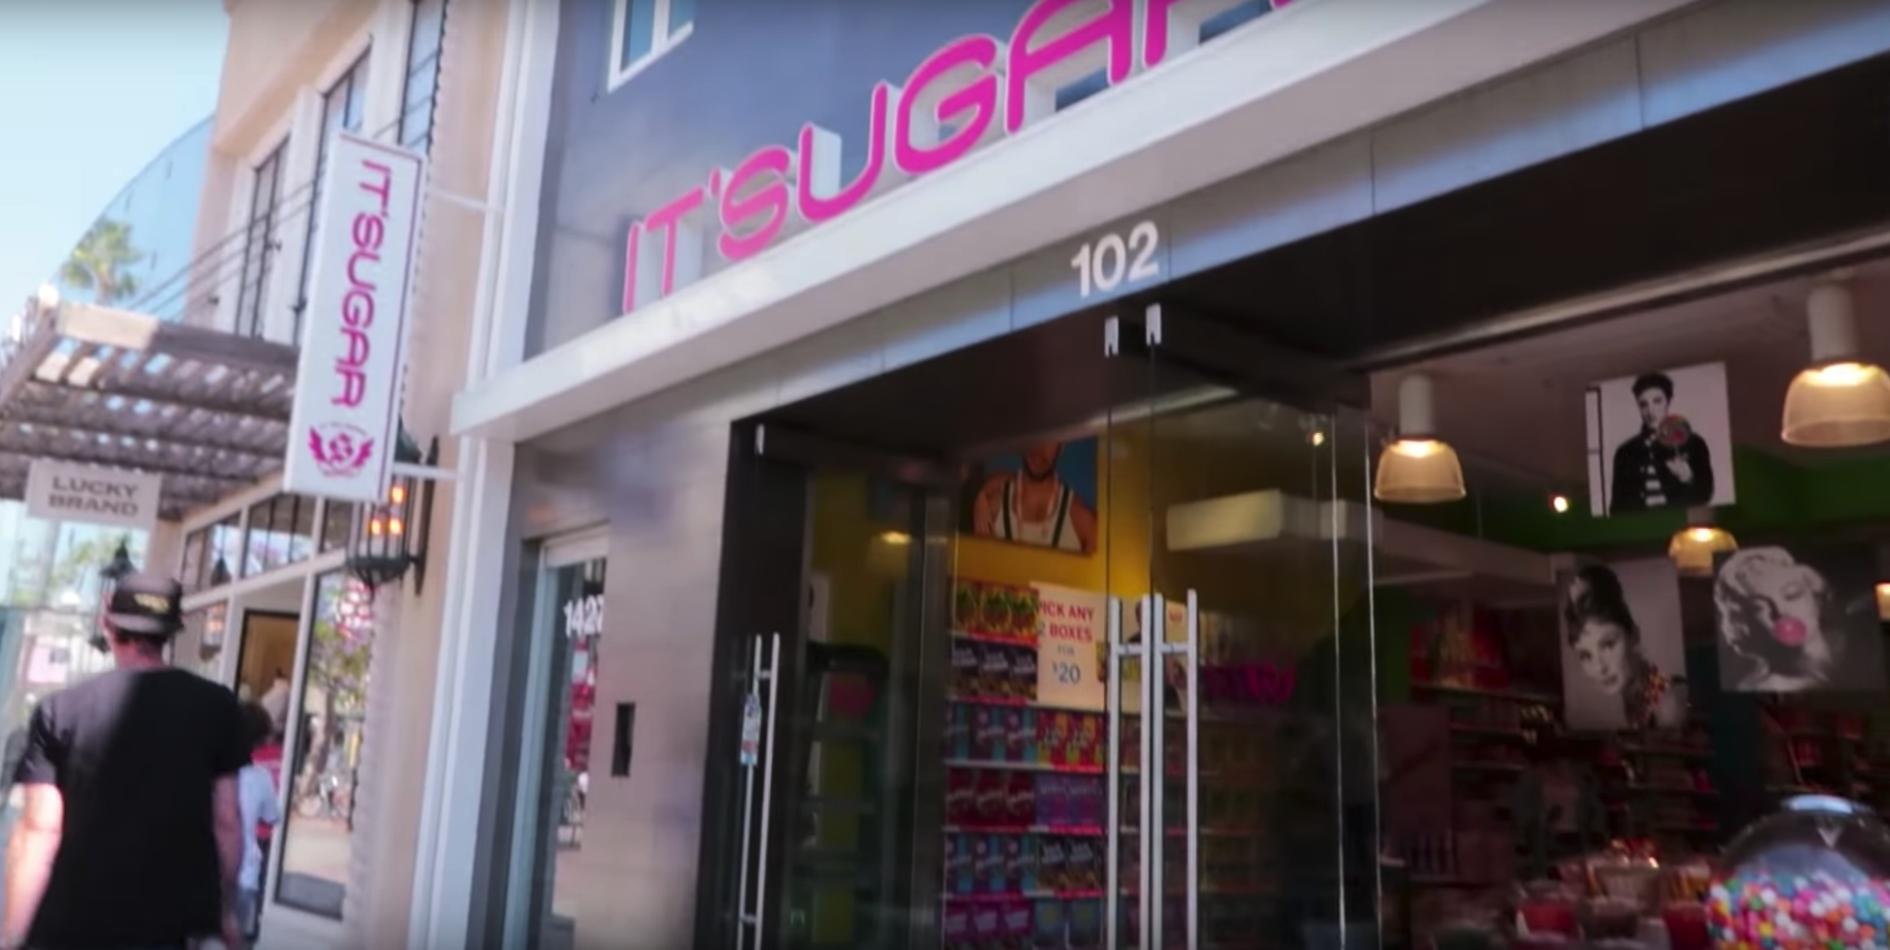 Esta tienda vende dulces gigantes ¡está increíble!